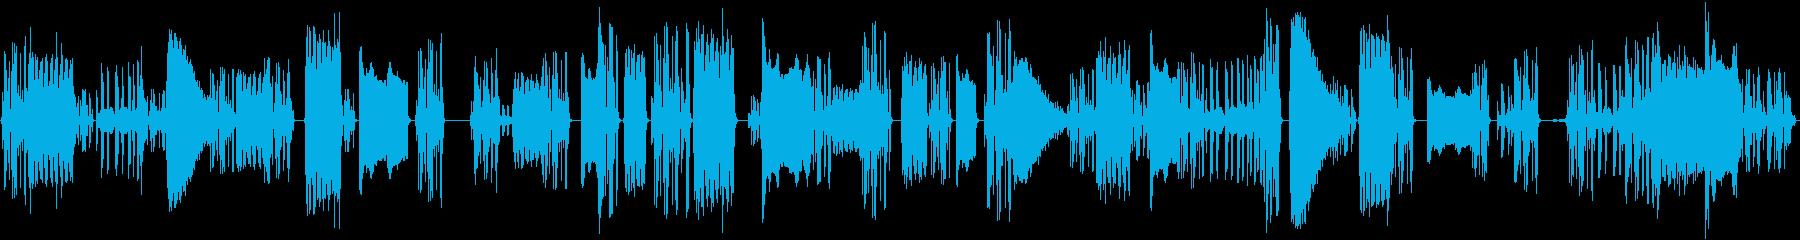 ヘビーラジオまたは電話チャネルサー...の再生済みの波形